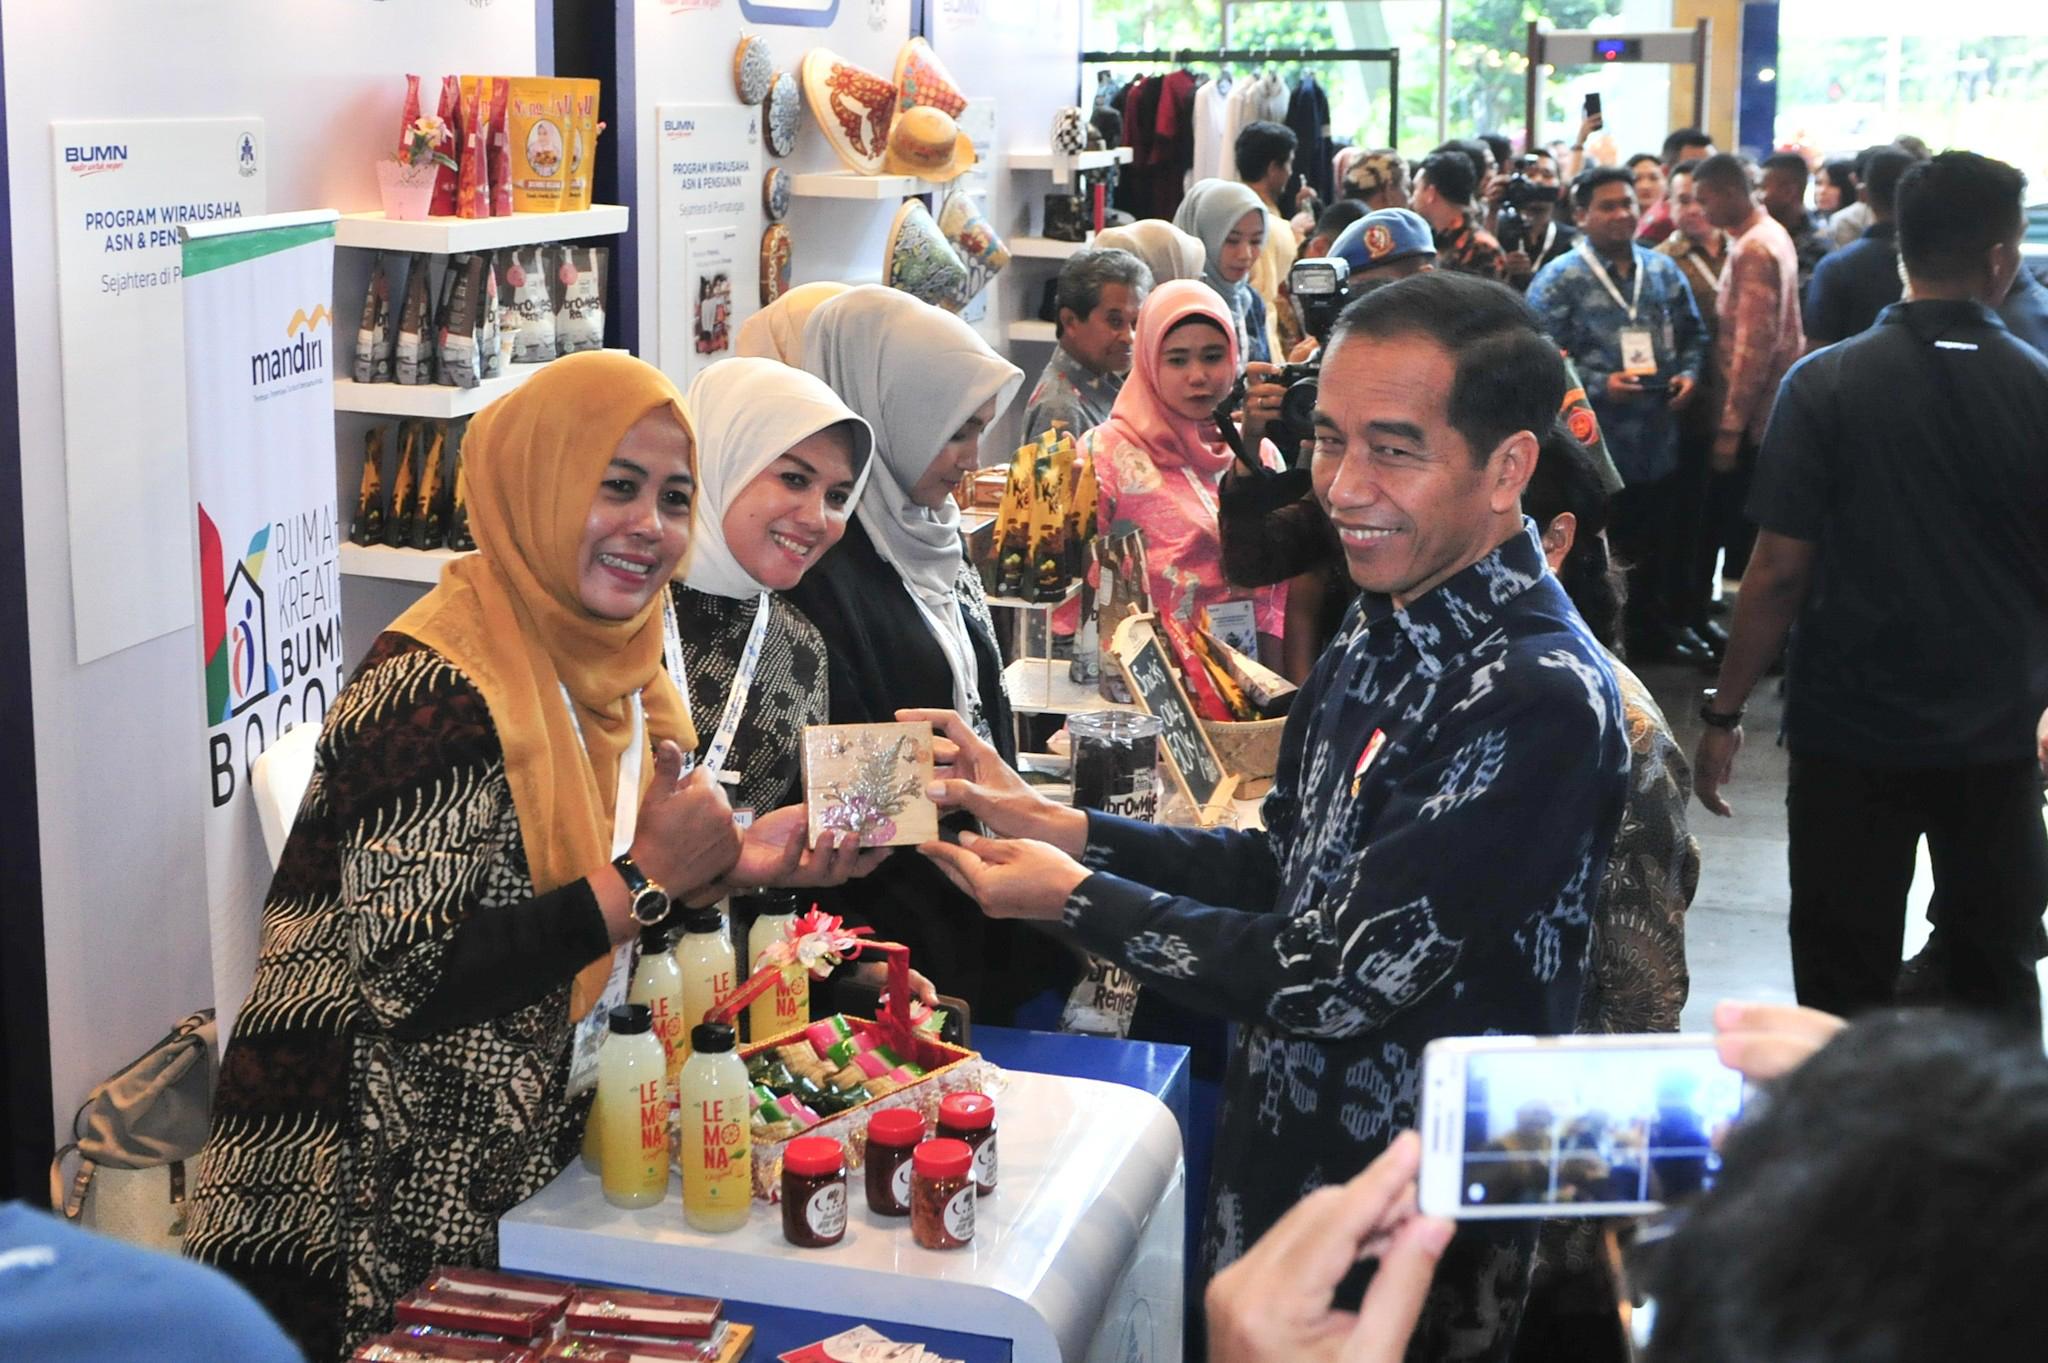 Presiden Jokowi meninjau stand milik ASN yang akan memasuki pensiun pada peluncuran program Wirausaha ASN dan Pensiunan, di Sentul, Bogor, Jabar, Rabu (16/1) siang. (Foto: JAY/Humas)